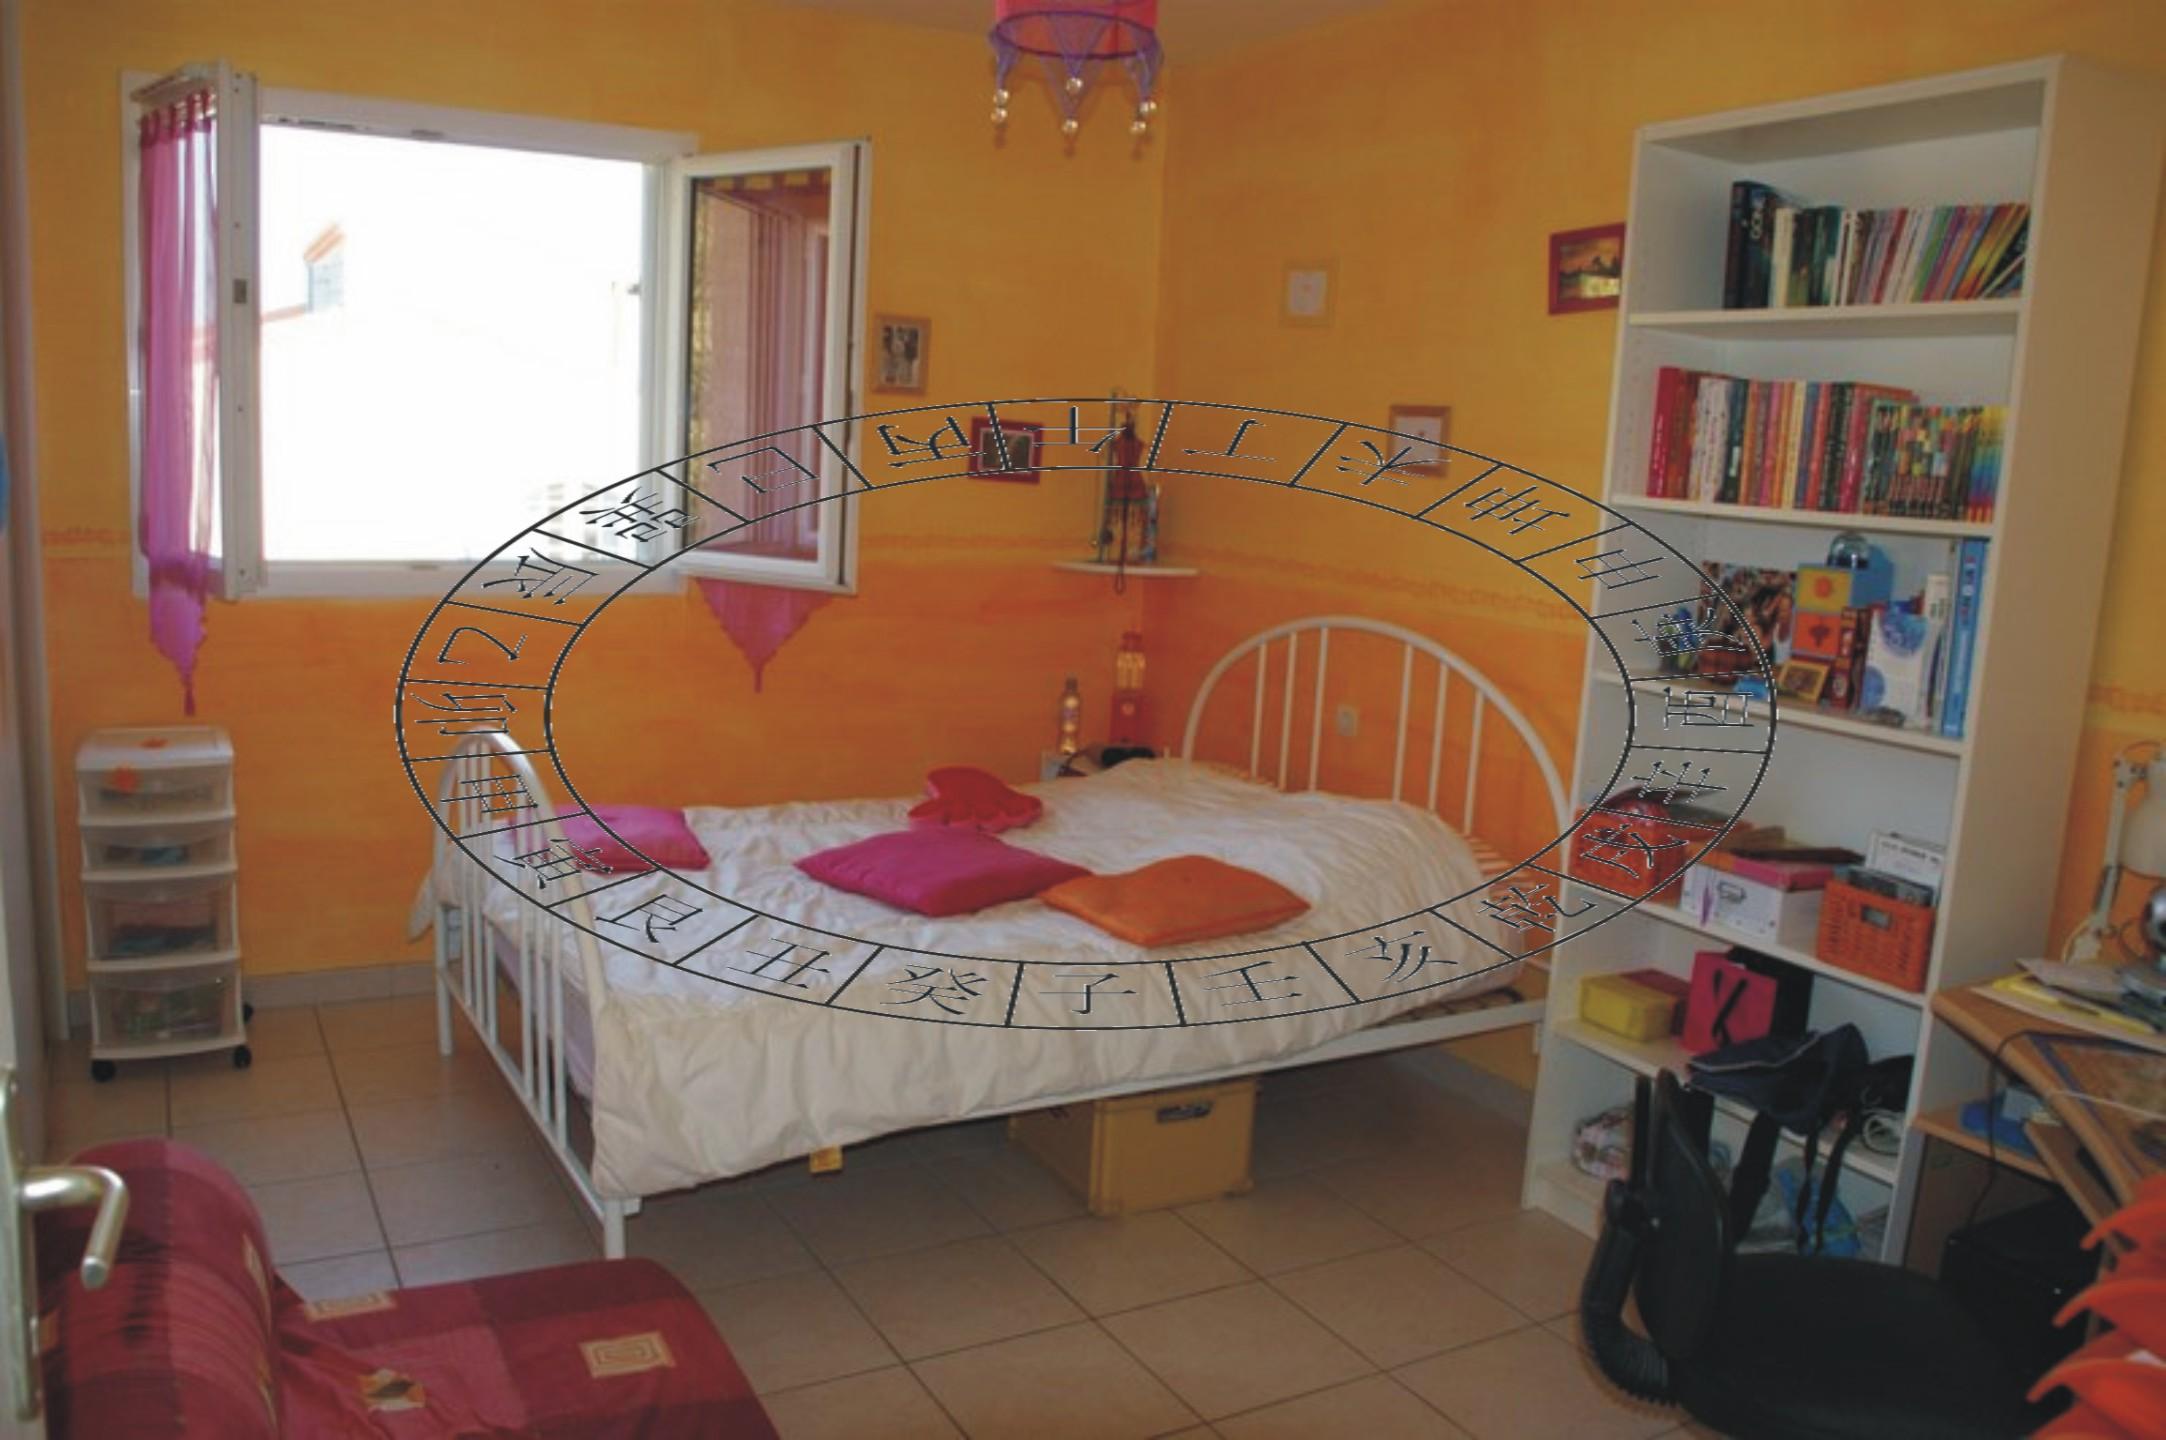 chambre feng shui et orientation du lit en fonction du feng shui. Black Bedroom Furniture Sets. Home Design Ideas